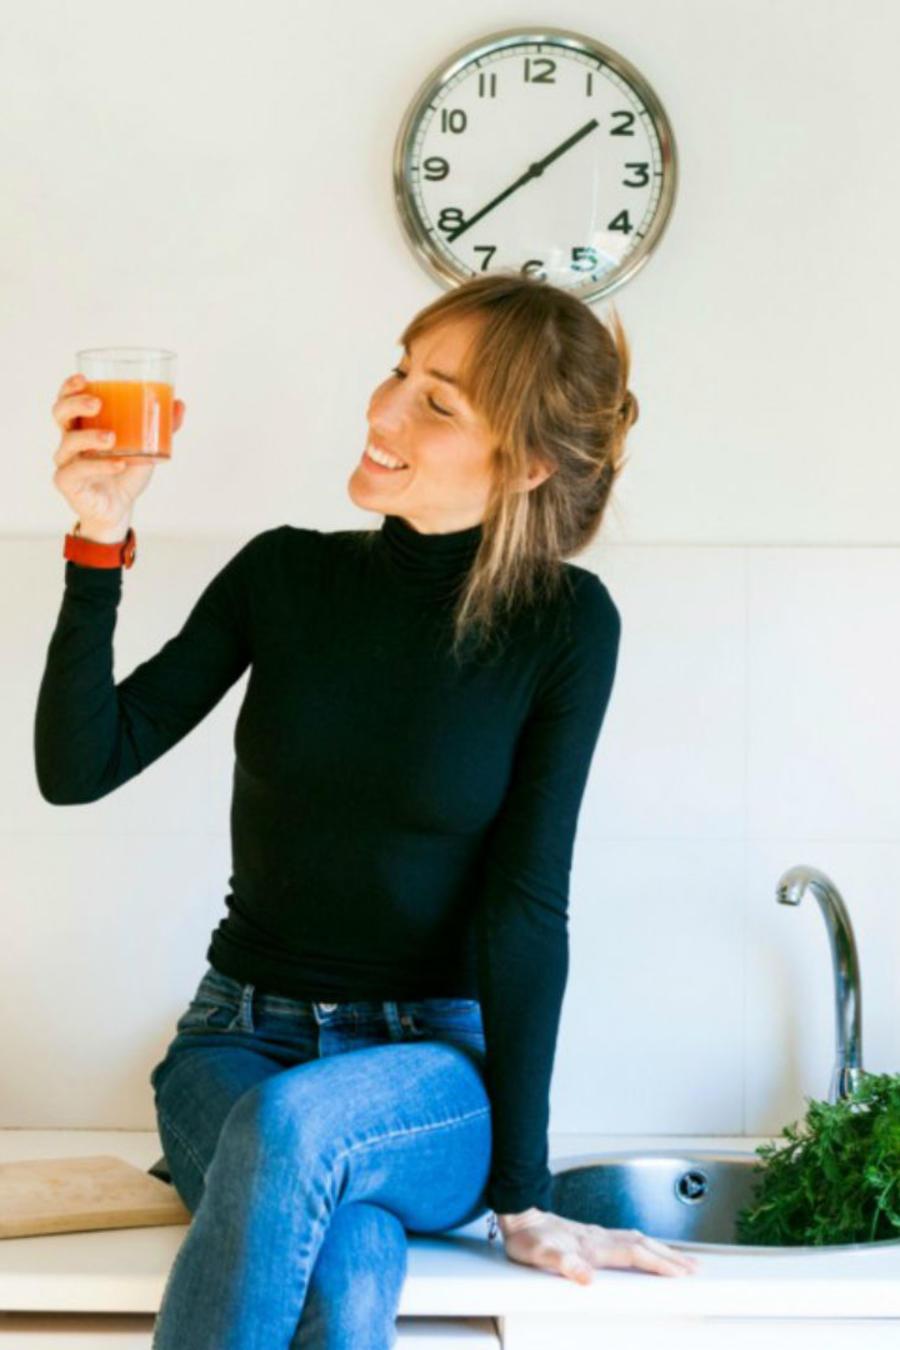 Mujer tomando jugo